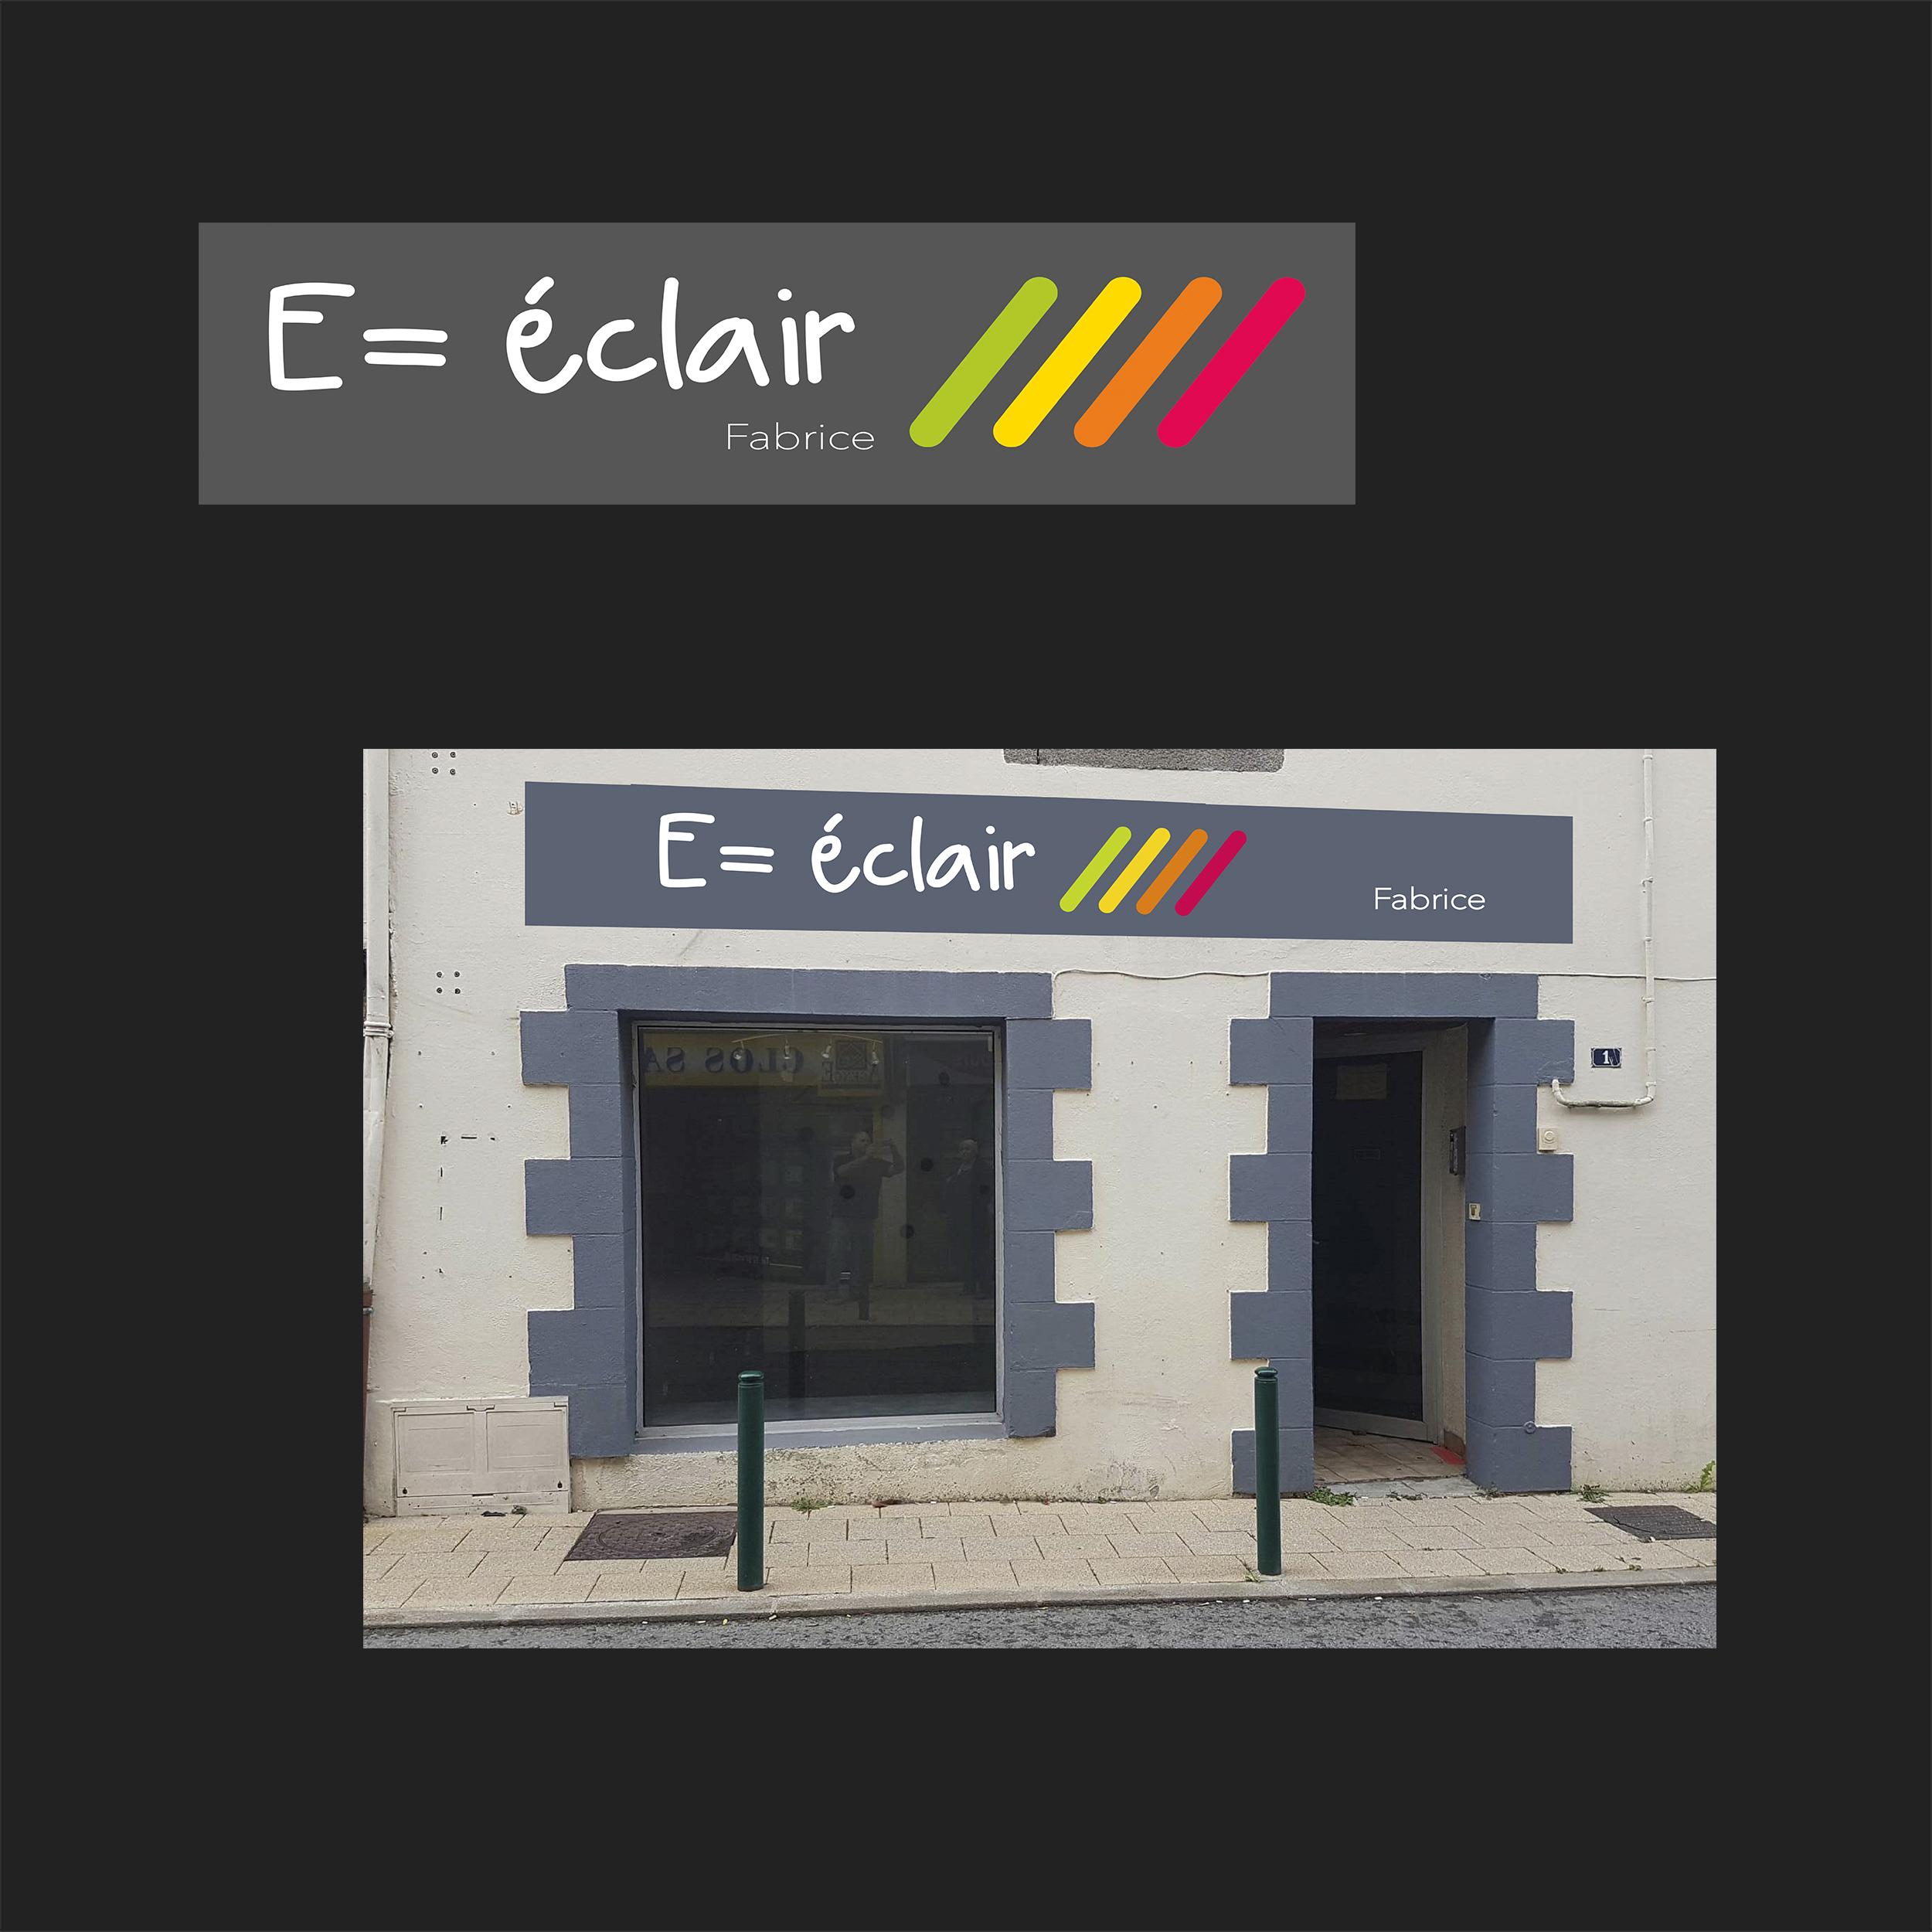 Logo / Enseigne E = éclair